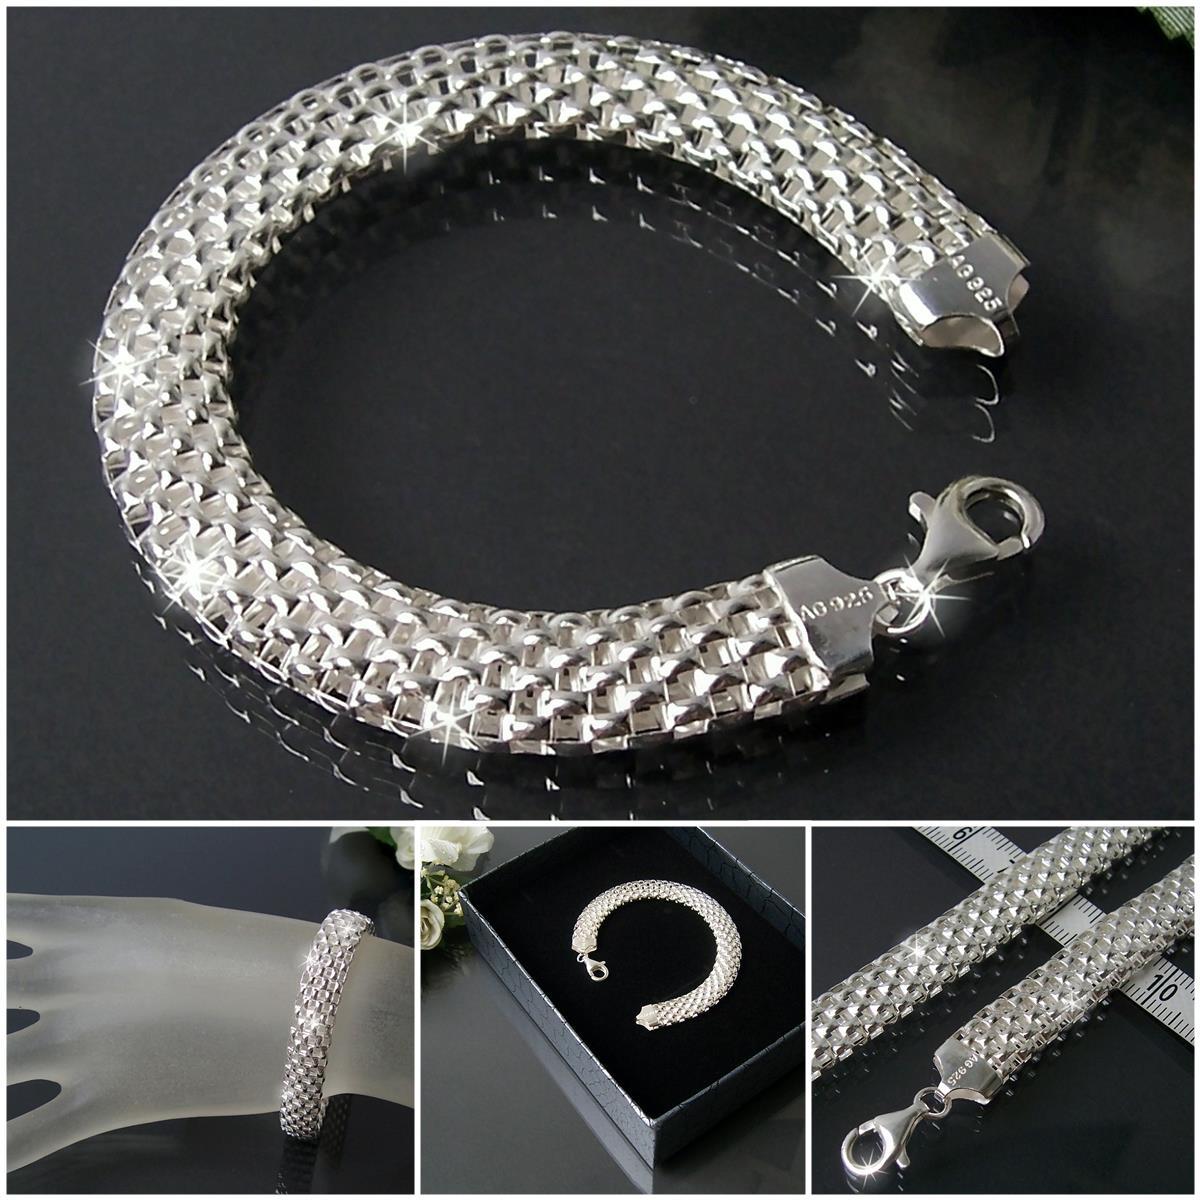 Niklarson-echt-925-Silberschmuck-Kette-Armband-Sterling-Silber-Schmuck-neu-VE10